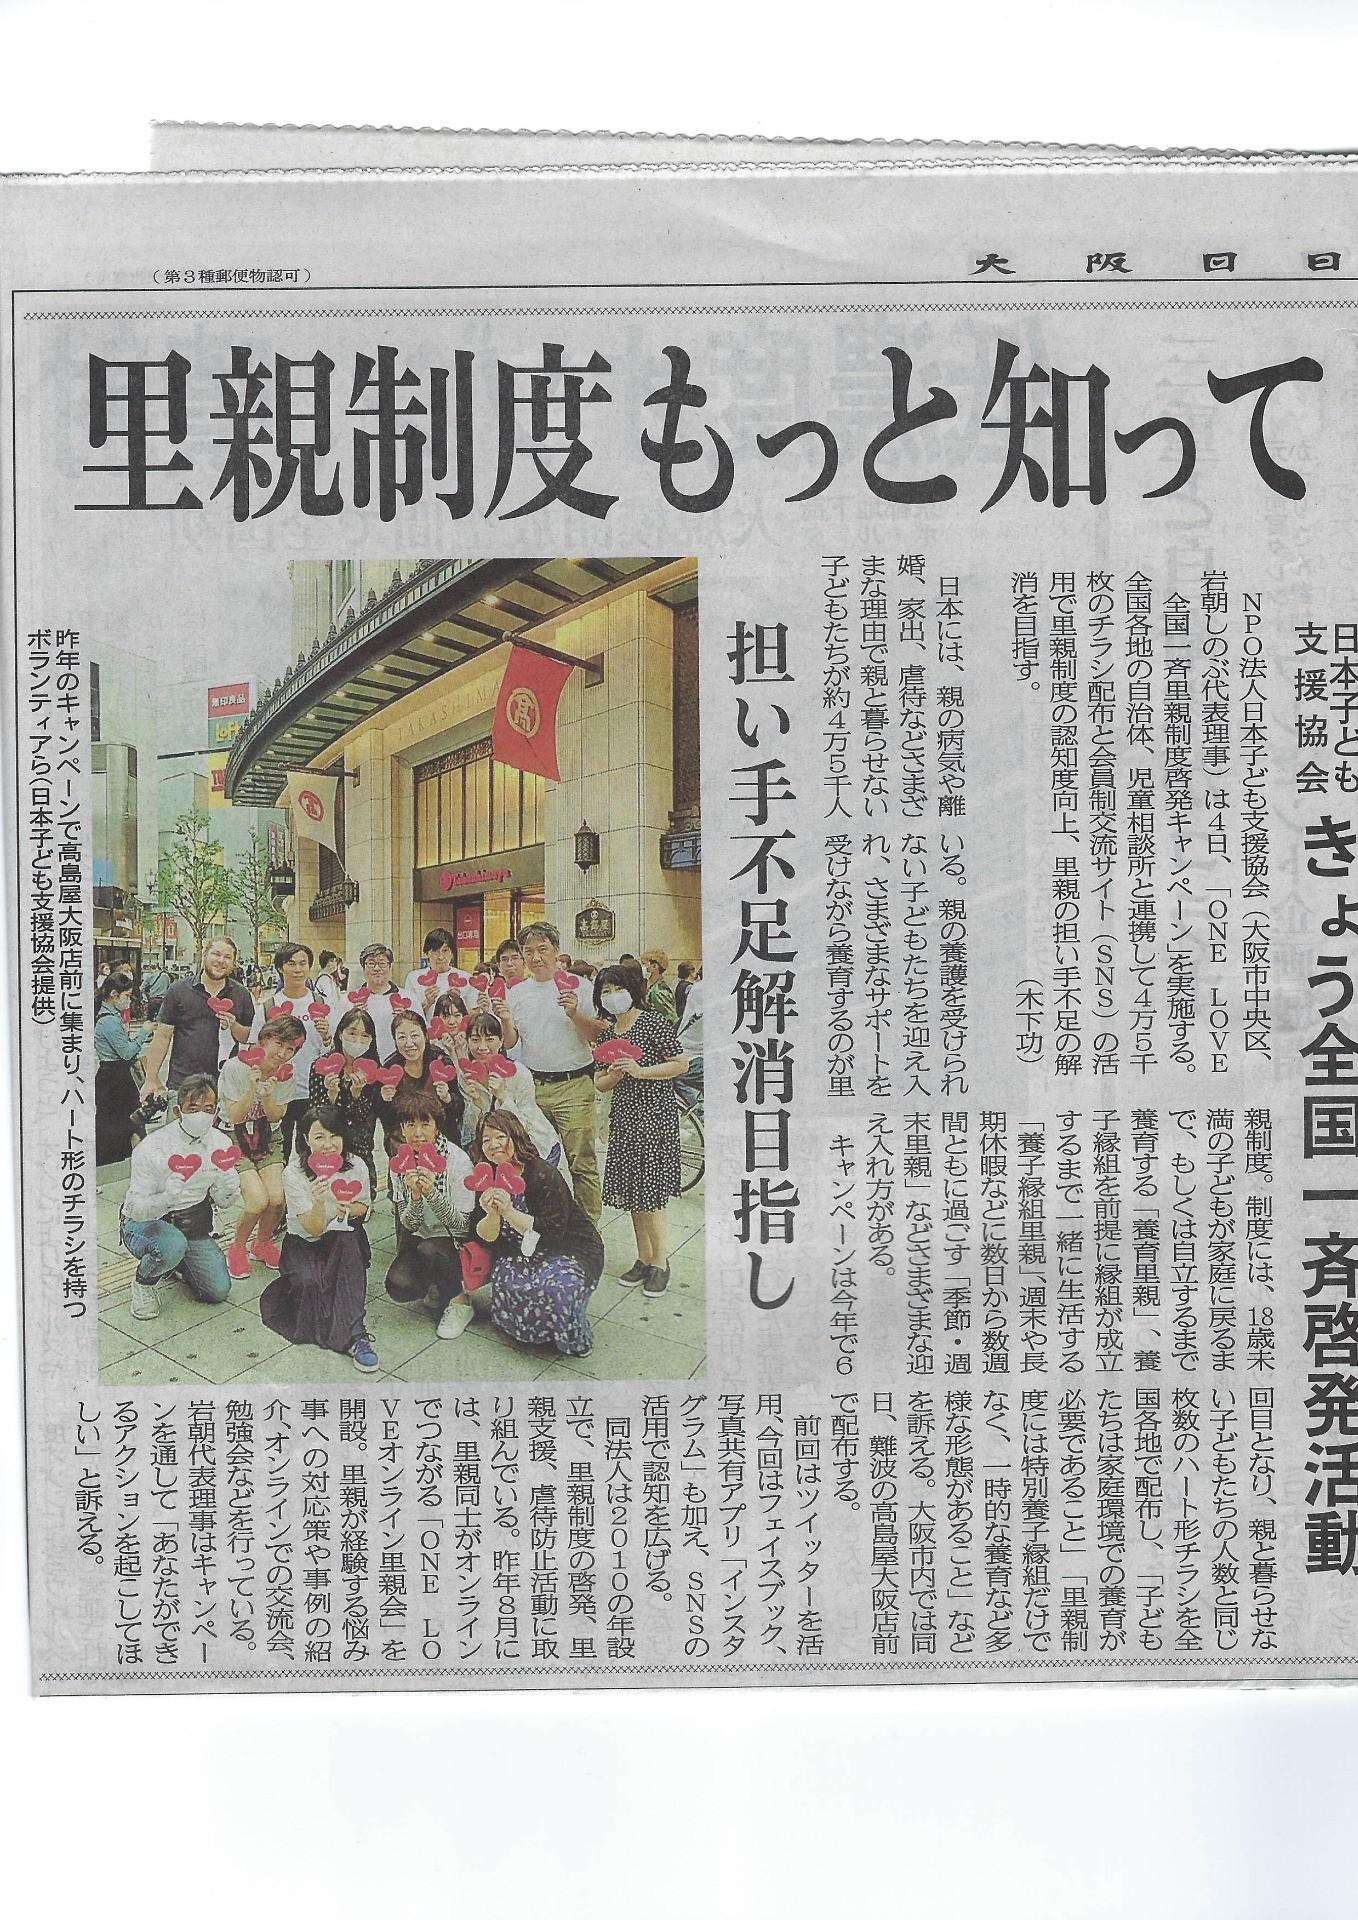 大阪日日新聞に掲載されました【全国一斉里親制度啓発キャンペーン】